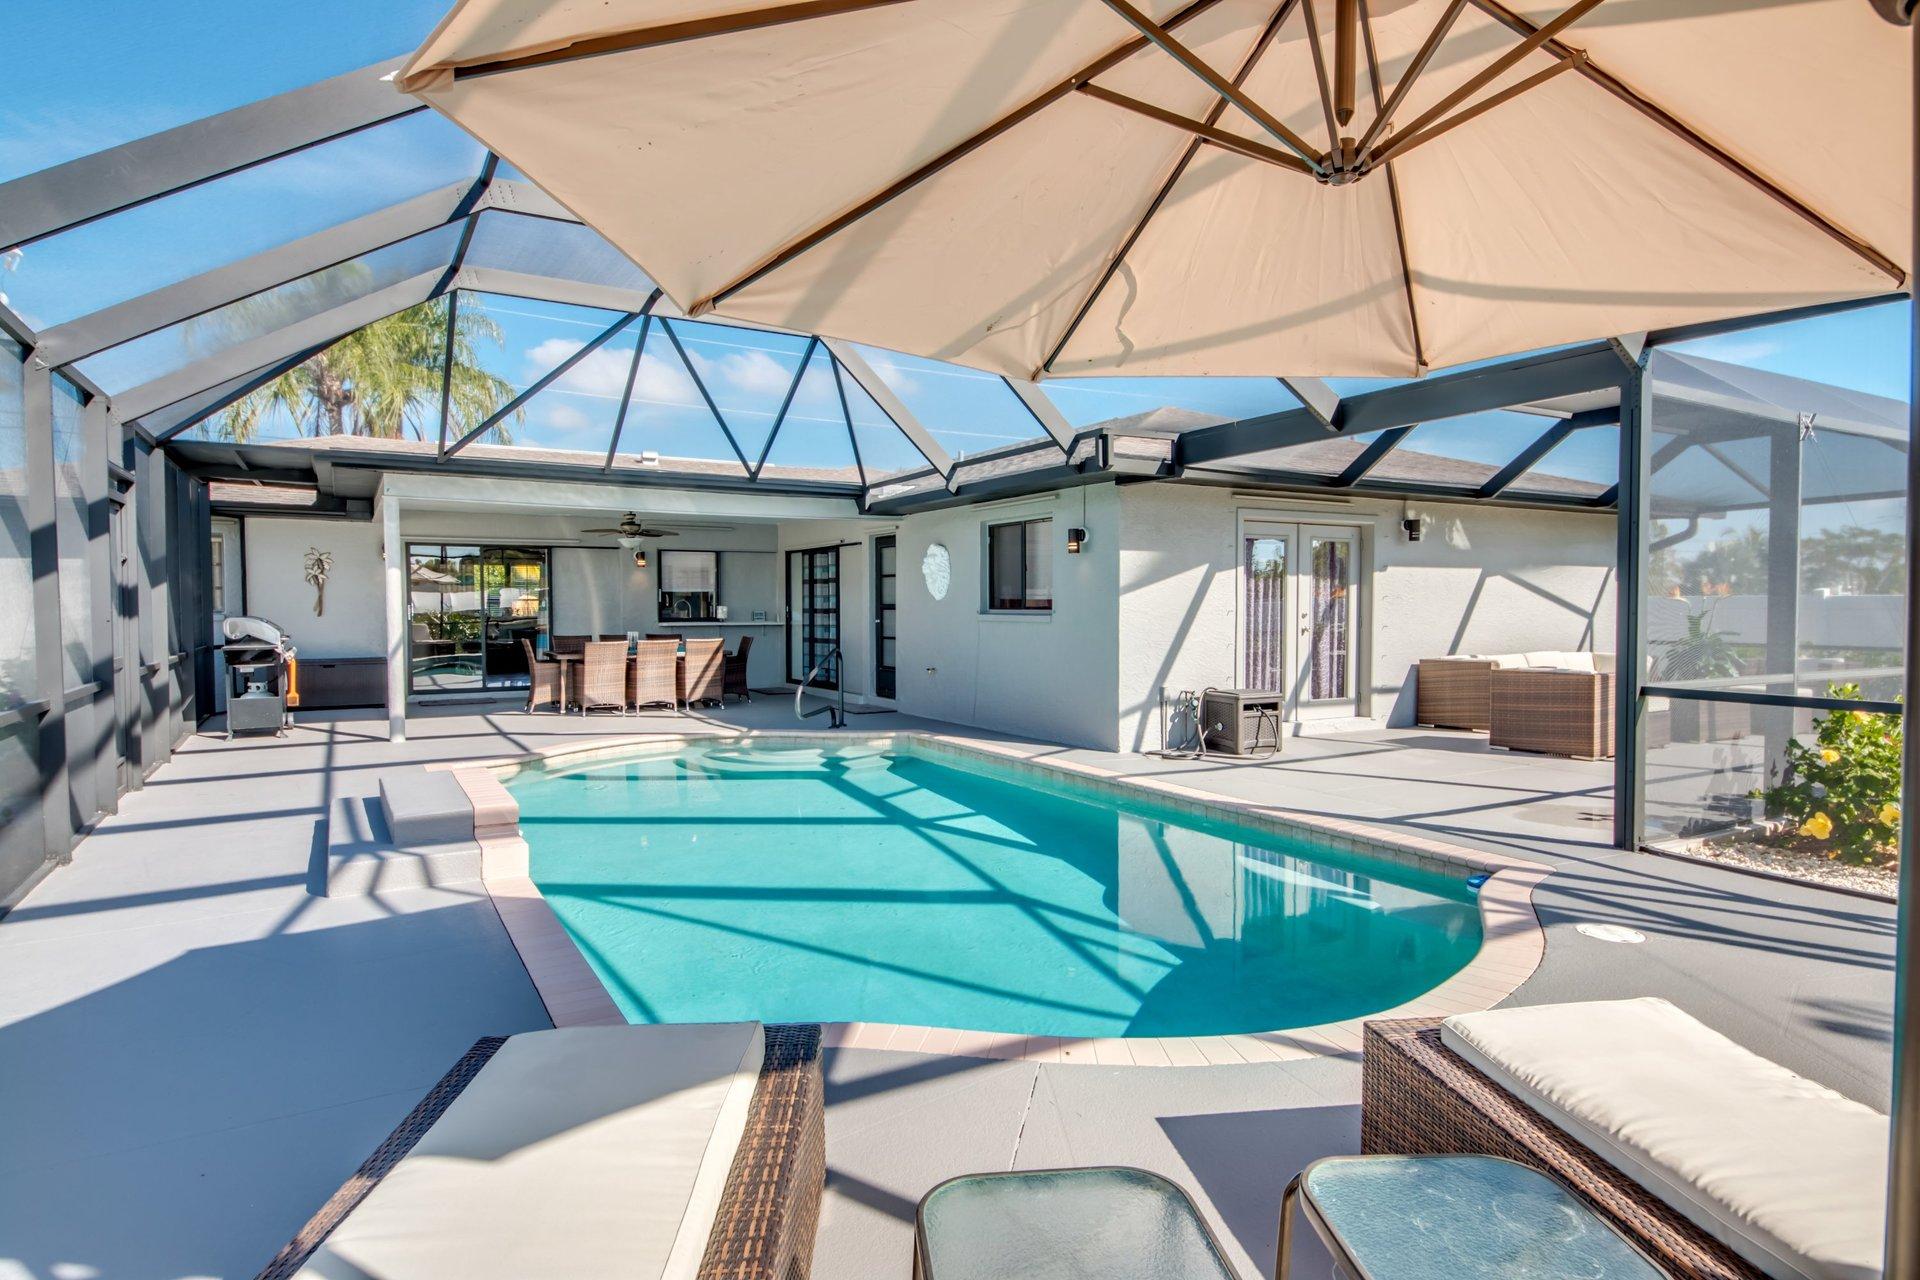 Ferienhaus für 6 Personen mit Pool | Villa Lion\'s Garden